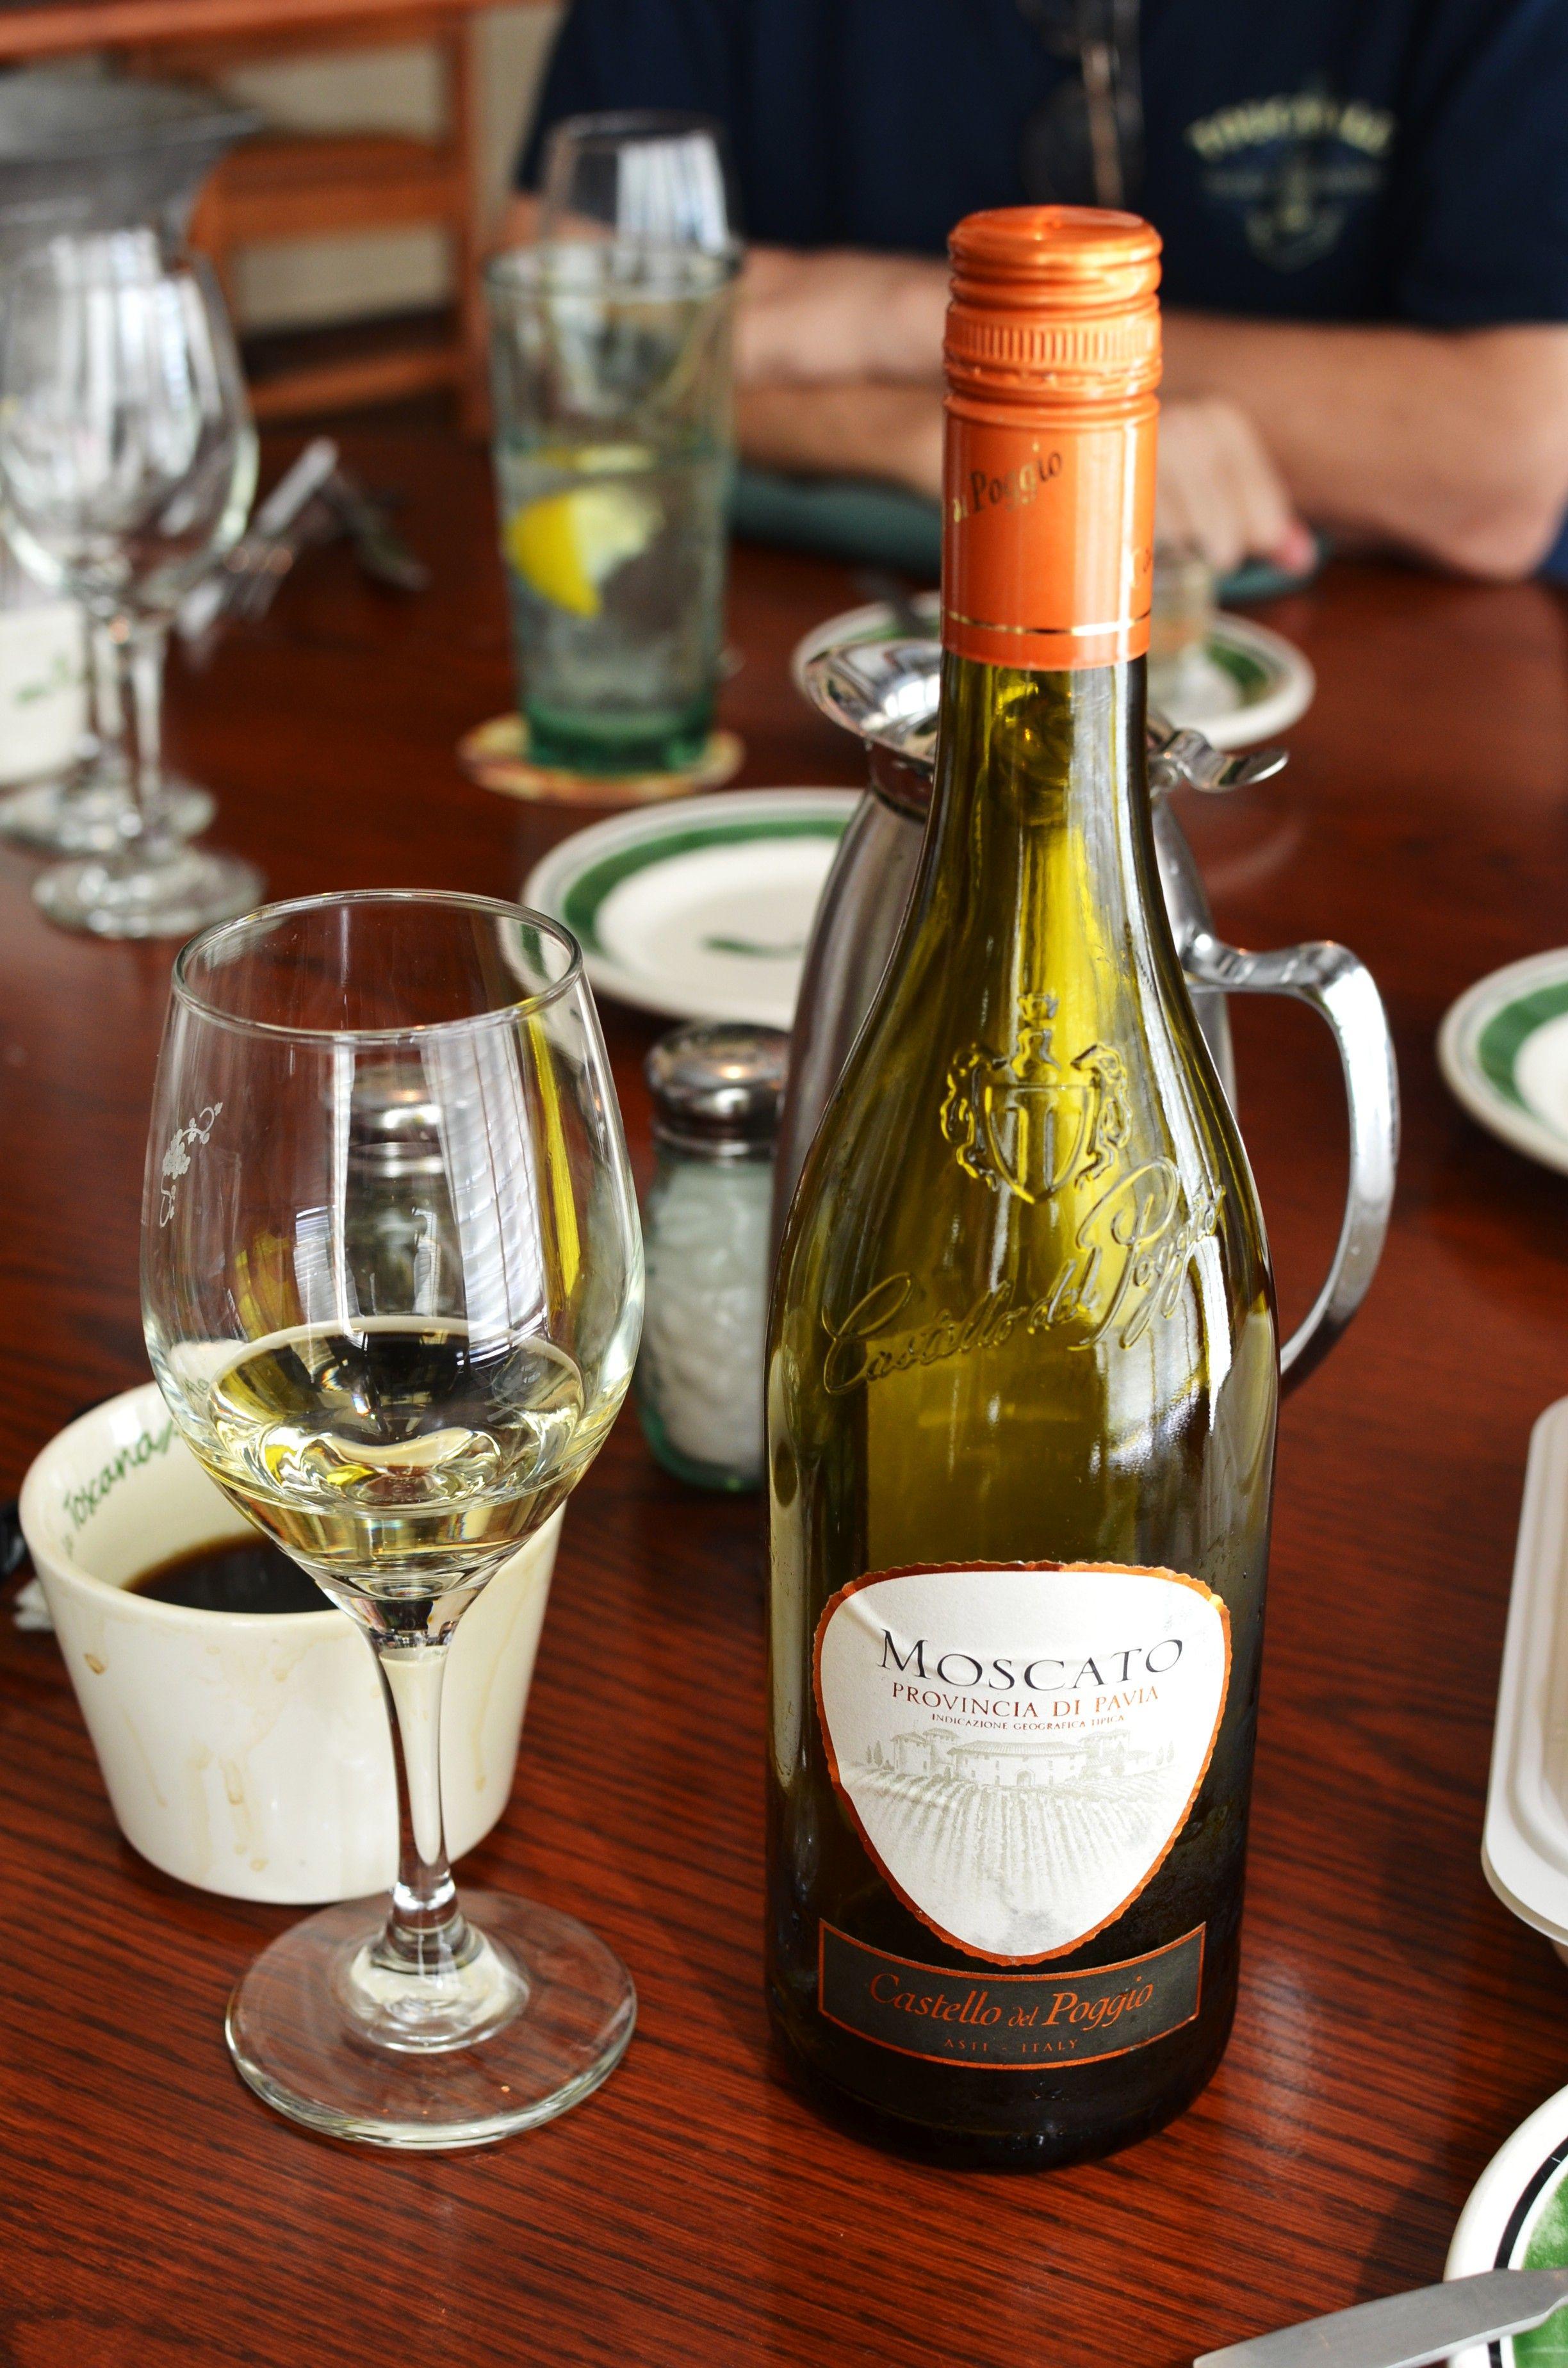 moscato castello del poggio provincia di pavia sweet white wine castello del poggio moscato is